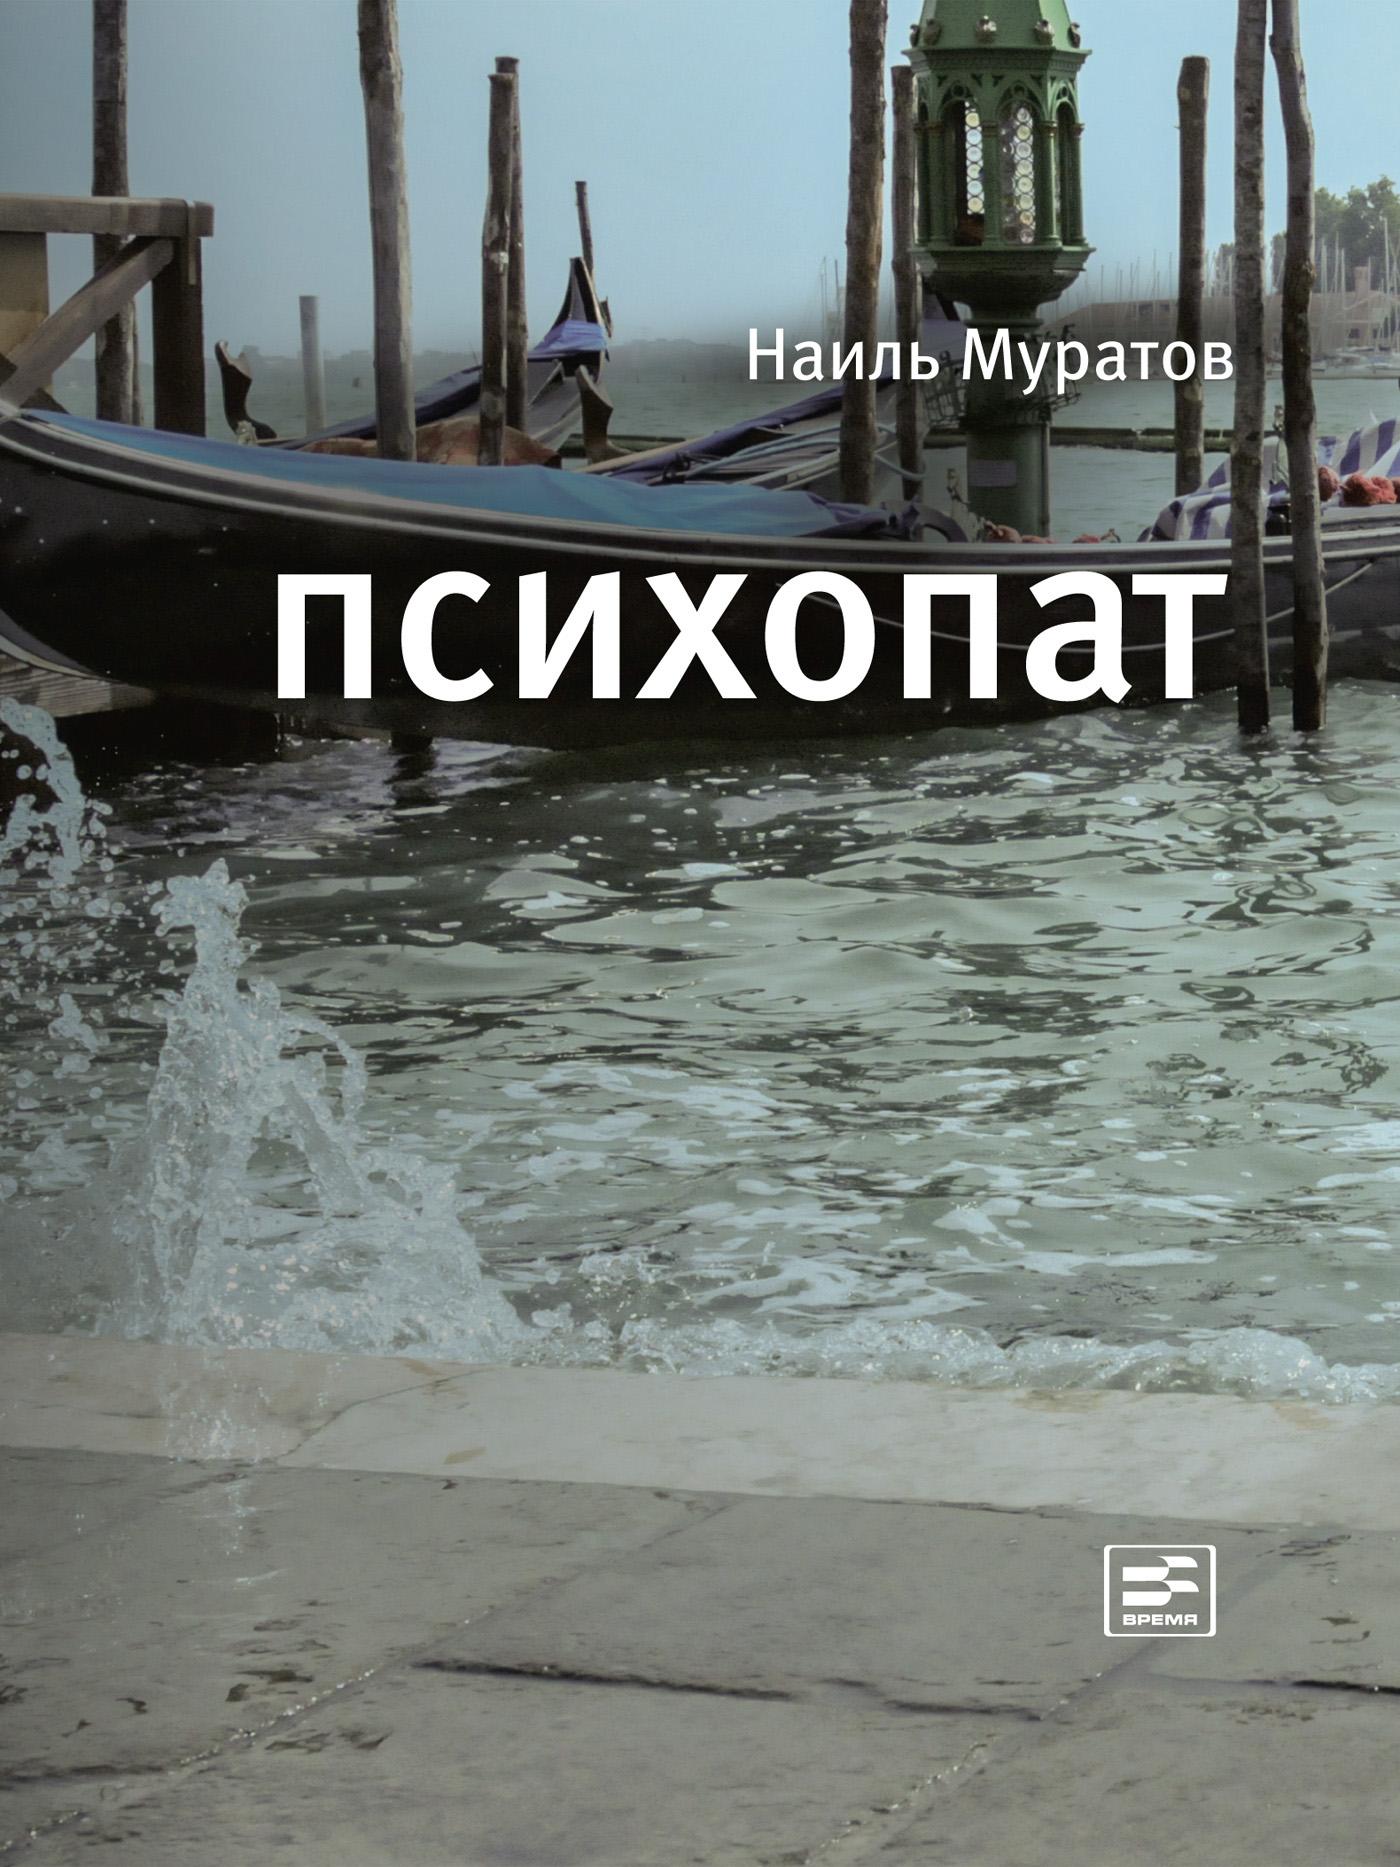 Наиль Муратов Психопат (сборник) аполлинер гийом убиенный поэт повести